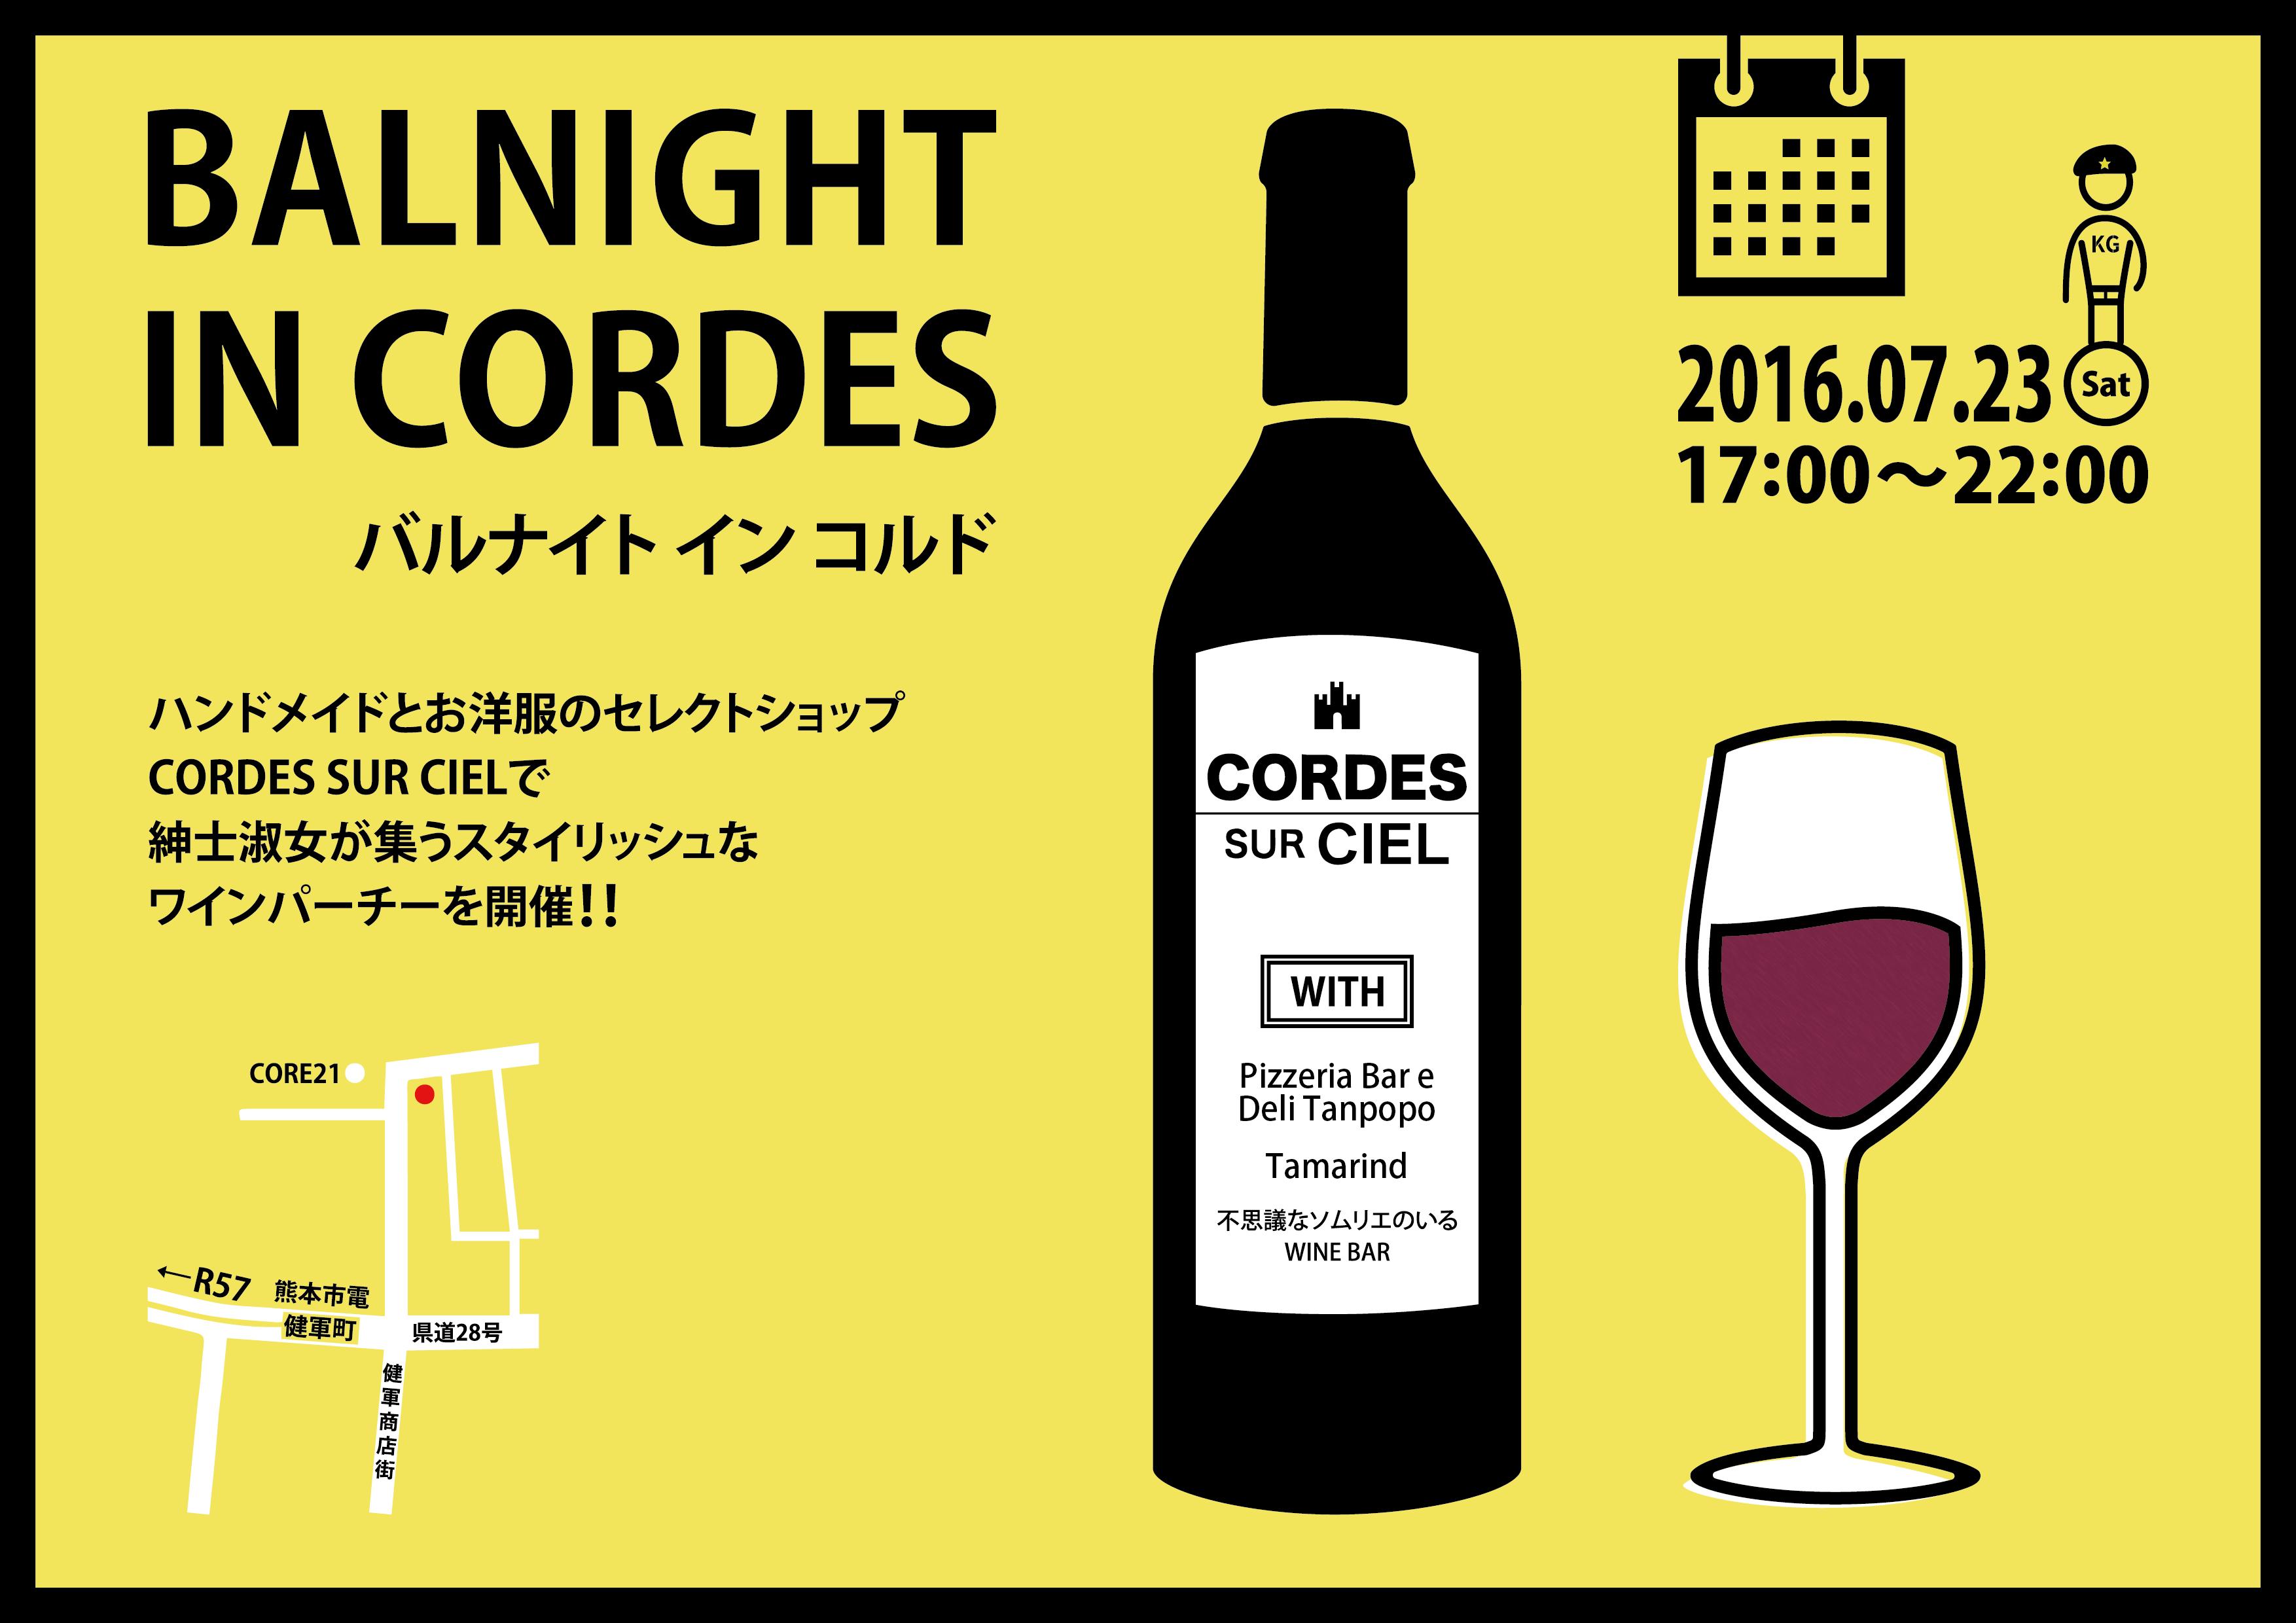 BALNIGHTCORDES on 2016-07-23